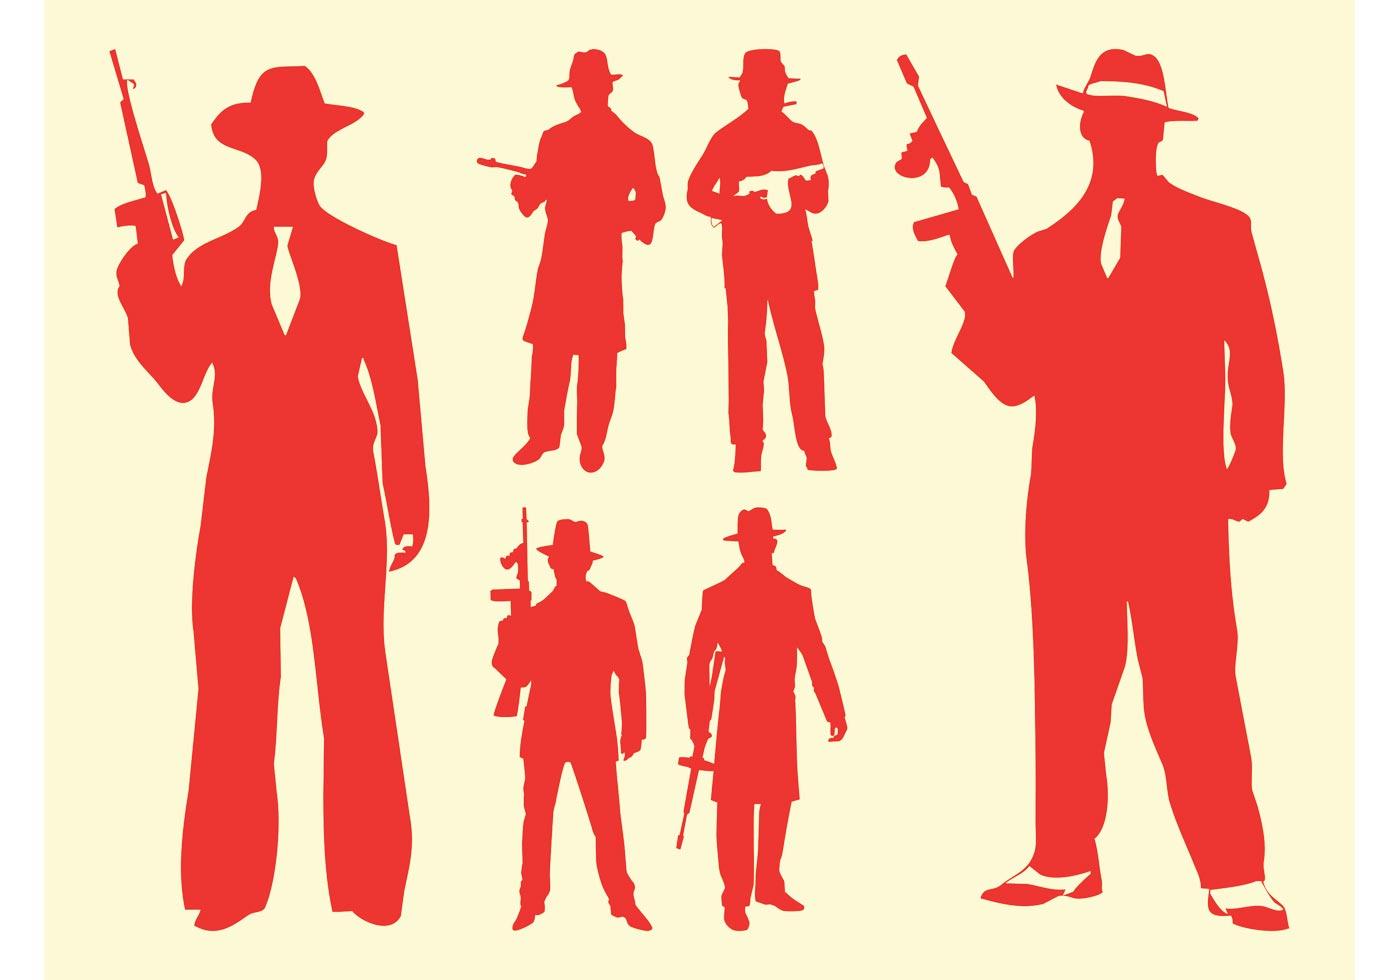 Открытка, картинки в стиле гангстеров нарисованные